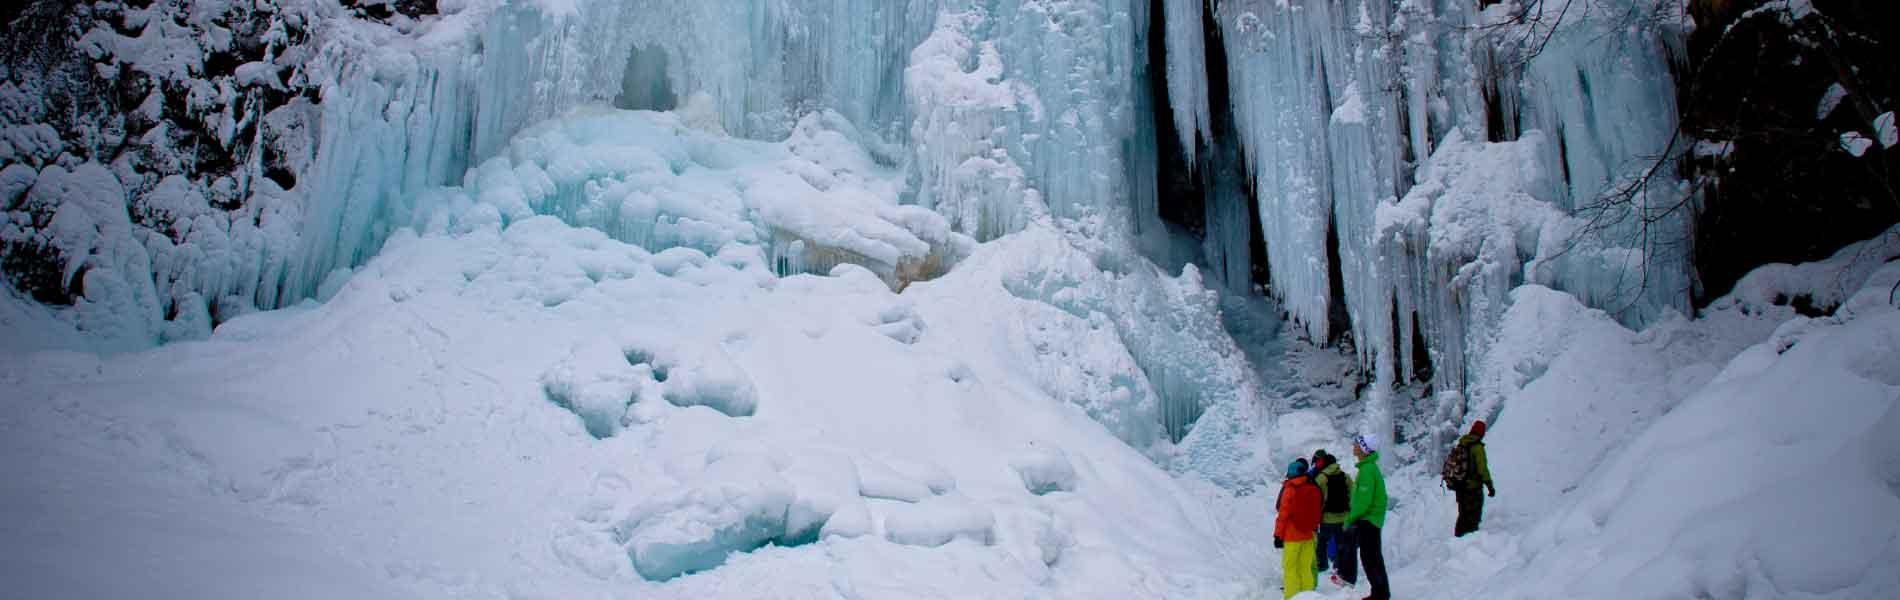 氷瀑 凍った滝